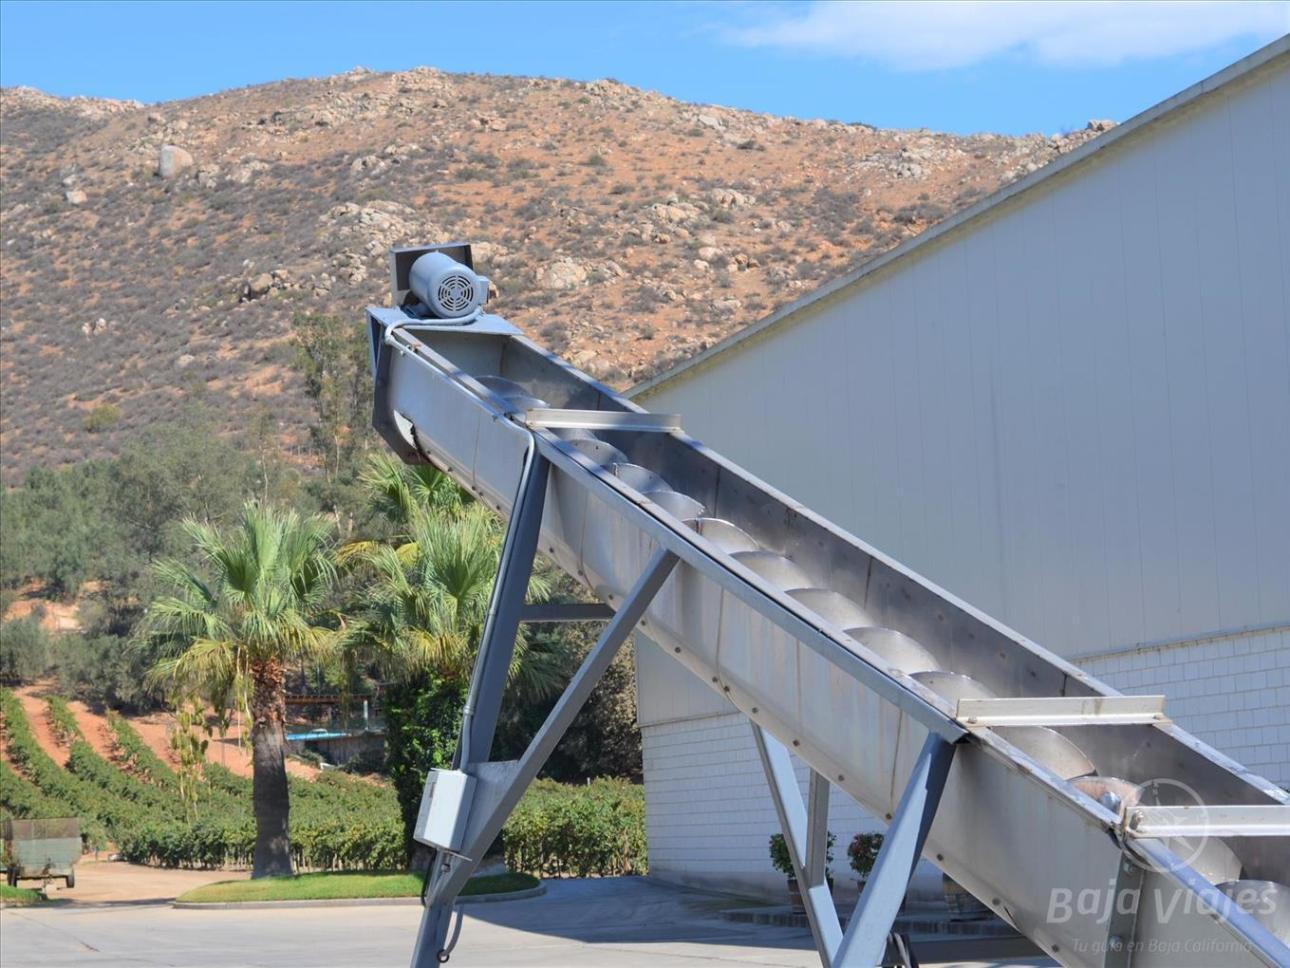 Máquina Despalilladora, durante el recorrido de enoturismo por Vinos L. A. Cetto, en Baja California México